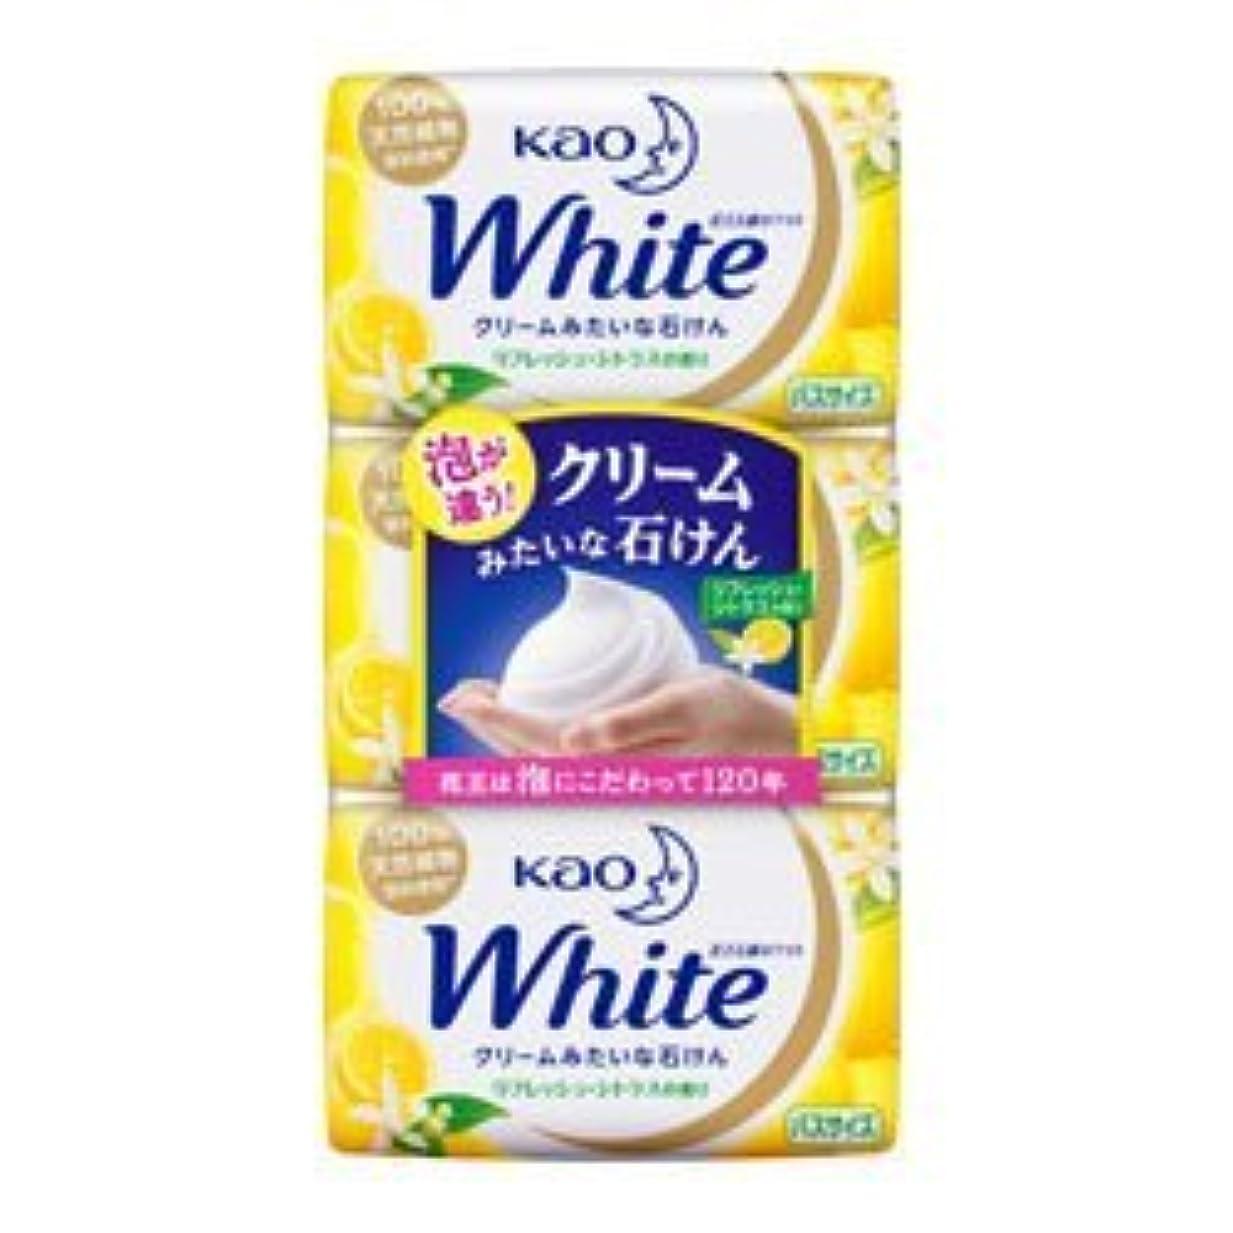 ミュウミュウシェア終わった【花王】ホワイト リフレッシュ?シトラスの香り バスサイズ 130g×3個入 ×3個セット